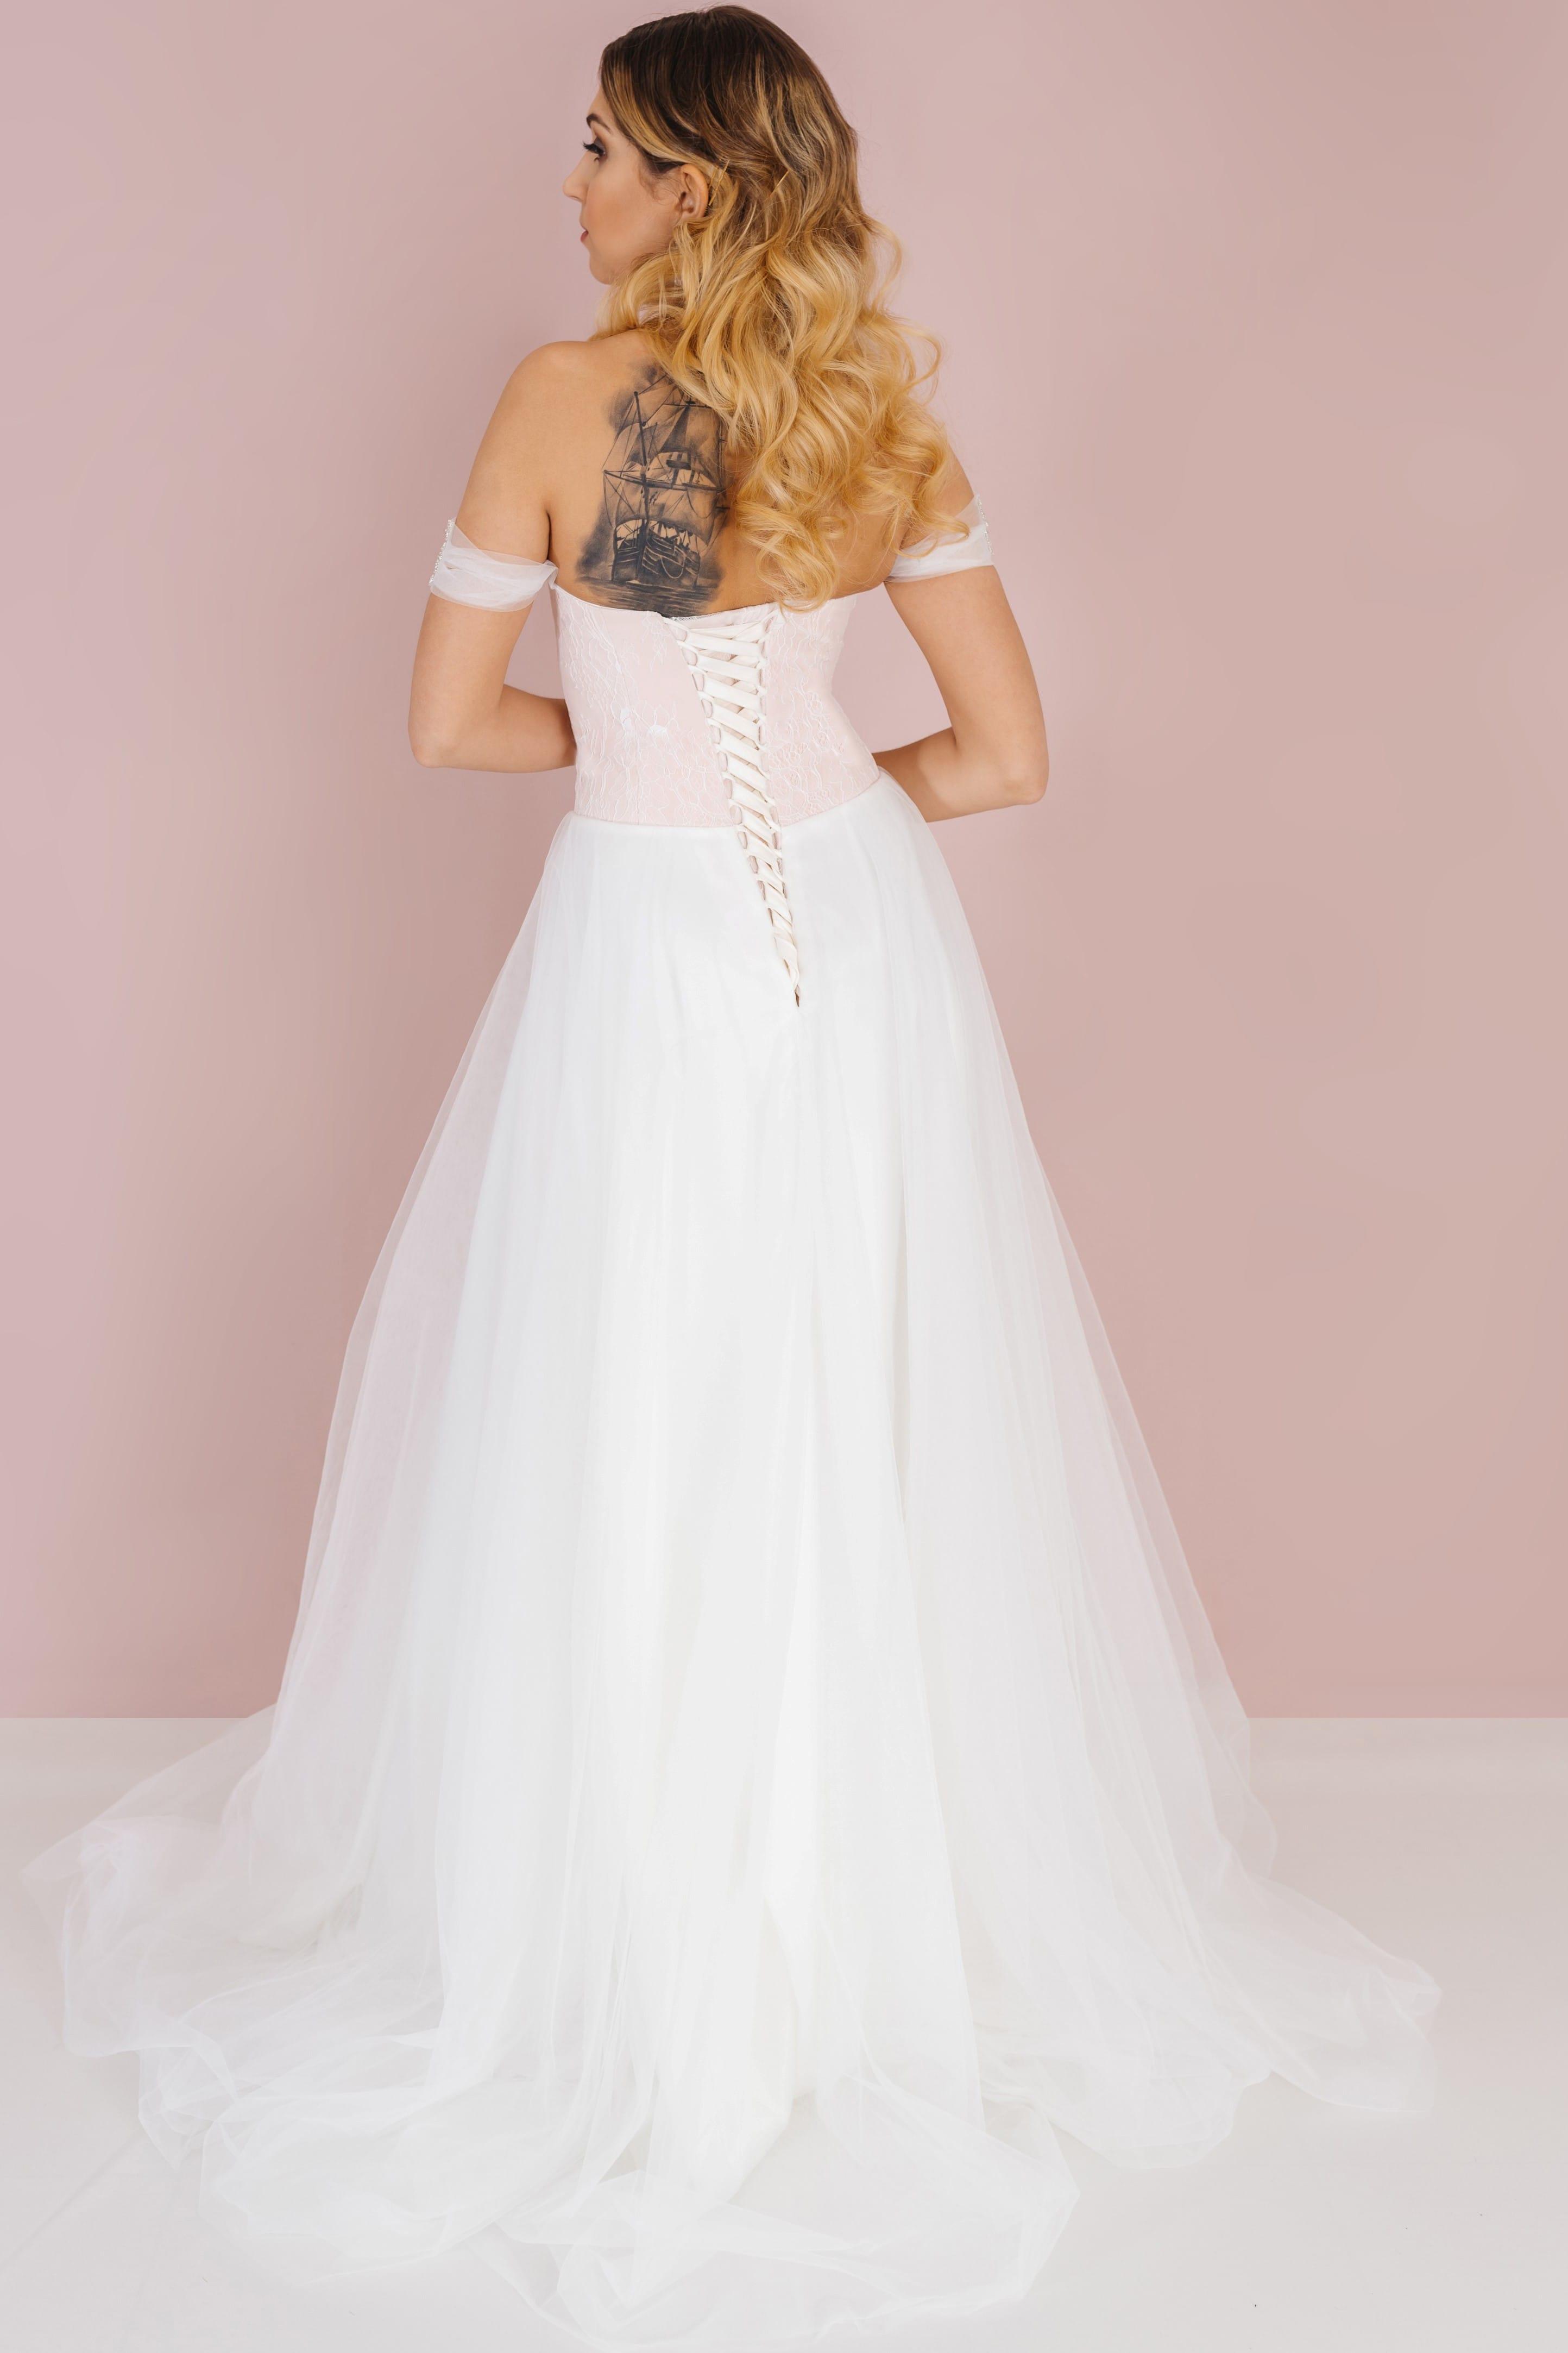 Свадебное платье BELISSA, коллекция LOFT, бренд RARE BRIDAL, фото 2